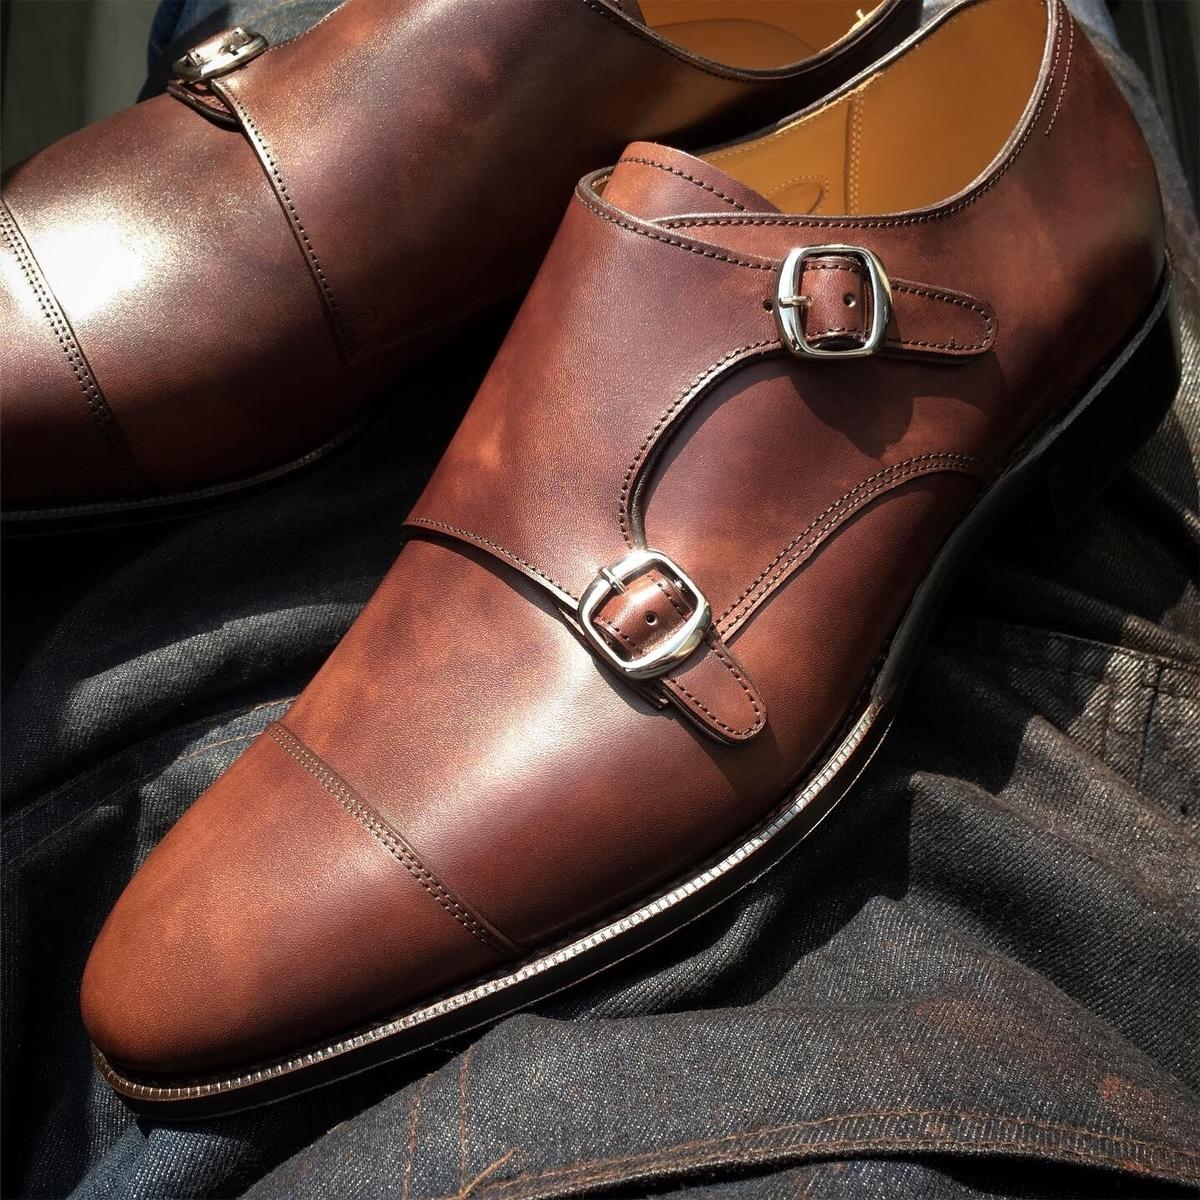 f:id:raymar-shoes:20190515210503j:plain